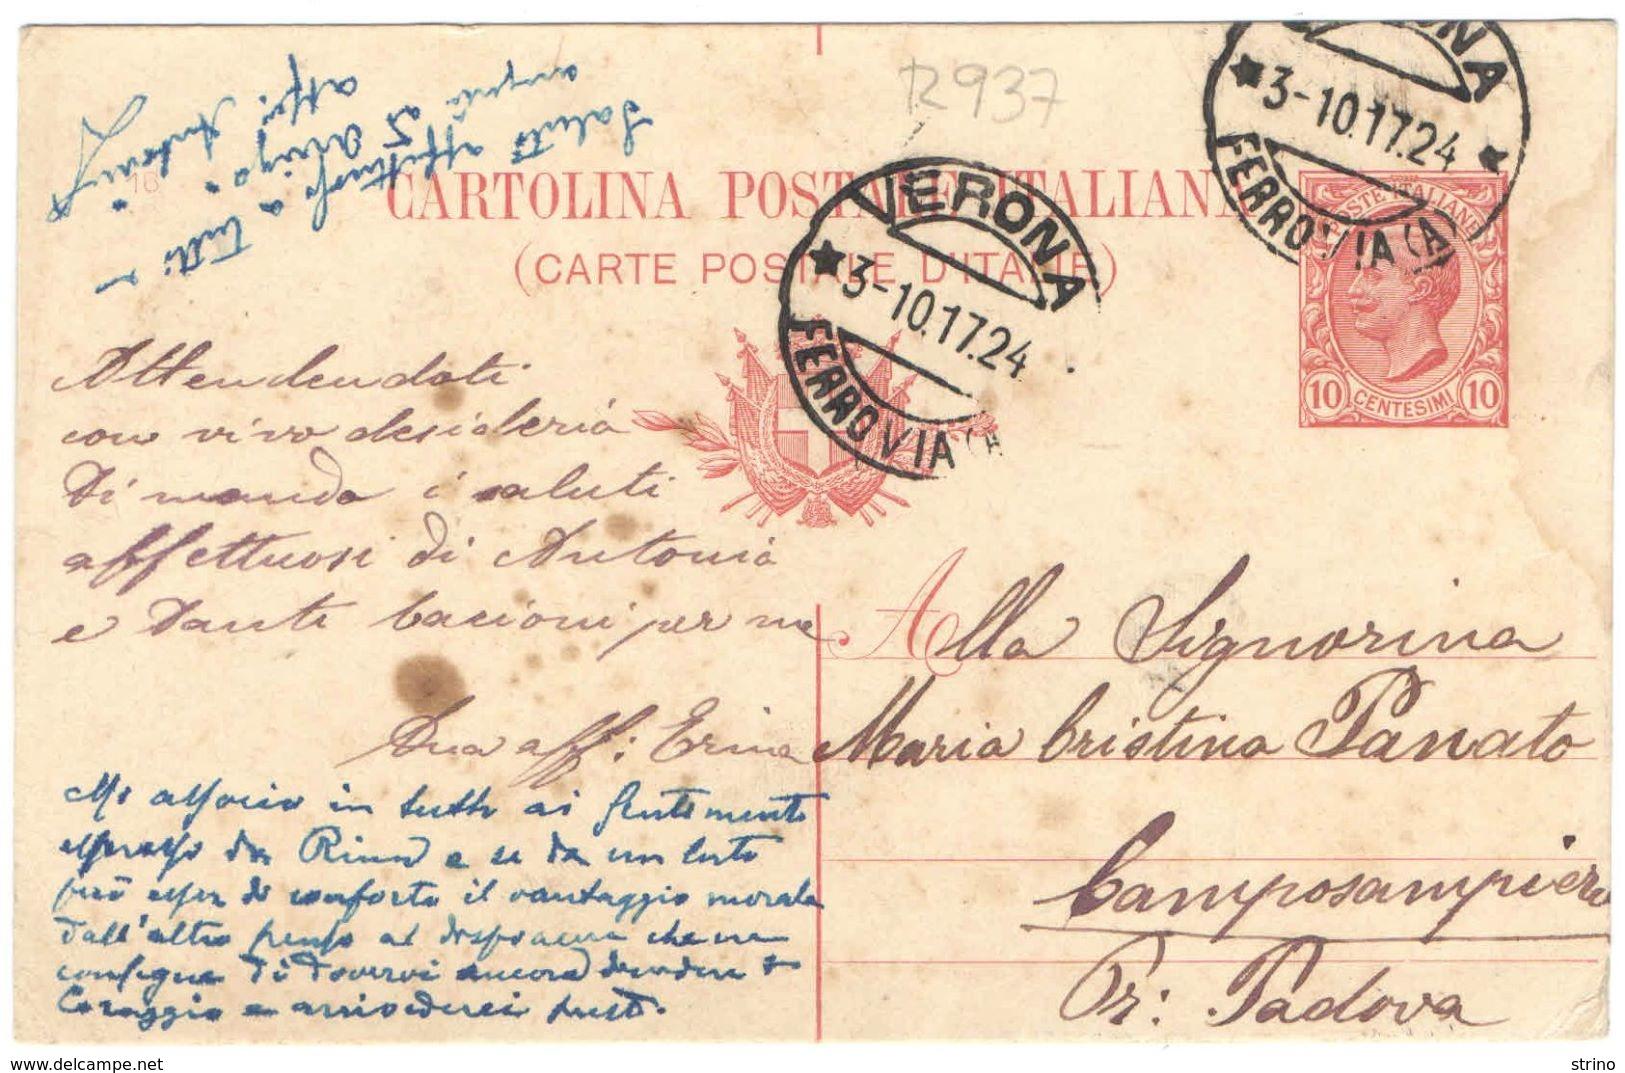 R937) V.E.III CARTOLINA POSTALE 10 C. LEONI MILL. 16 CON TAGLIO SPOSTATO VERTICALMENTE - Interi Postali